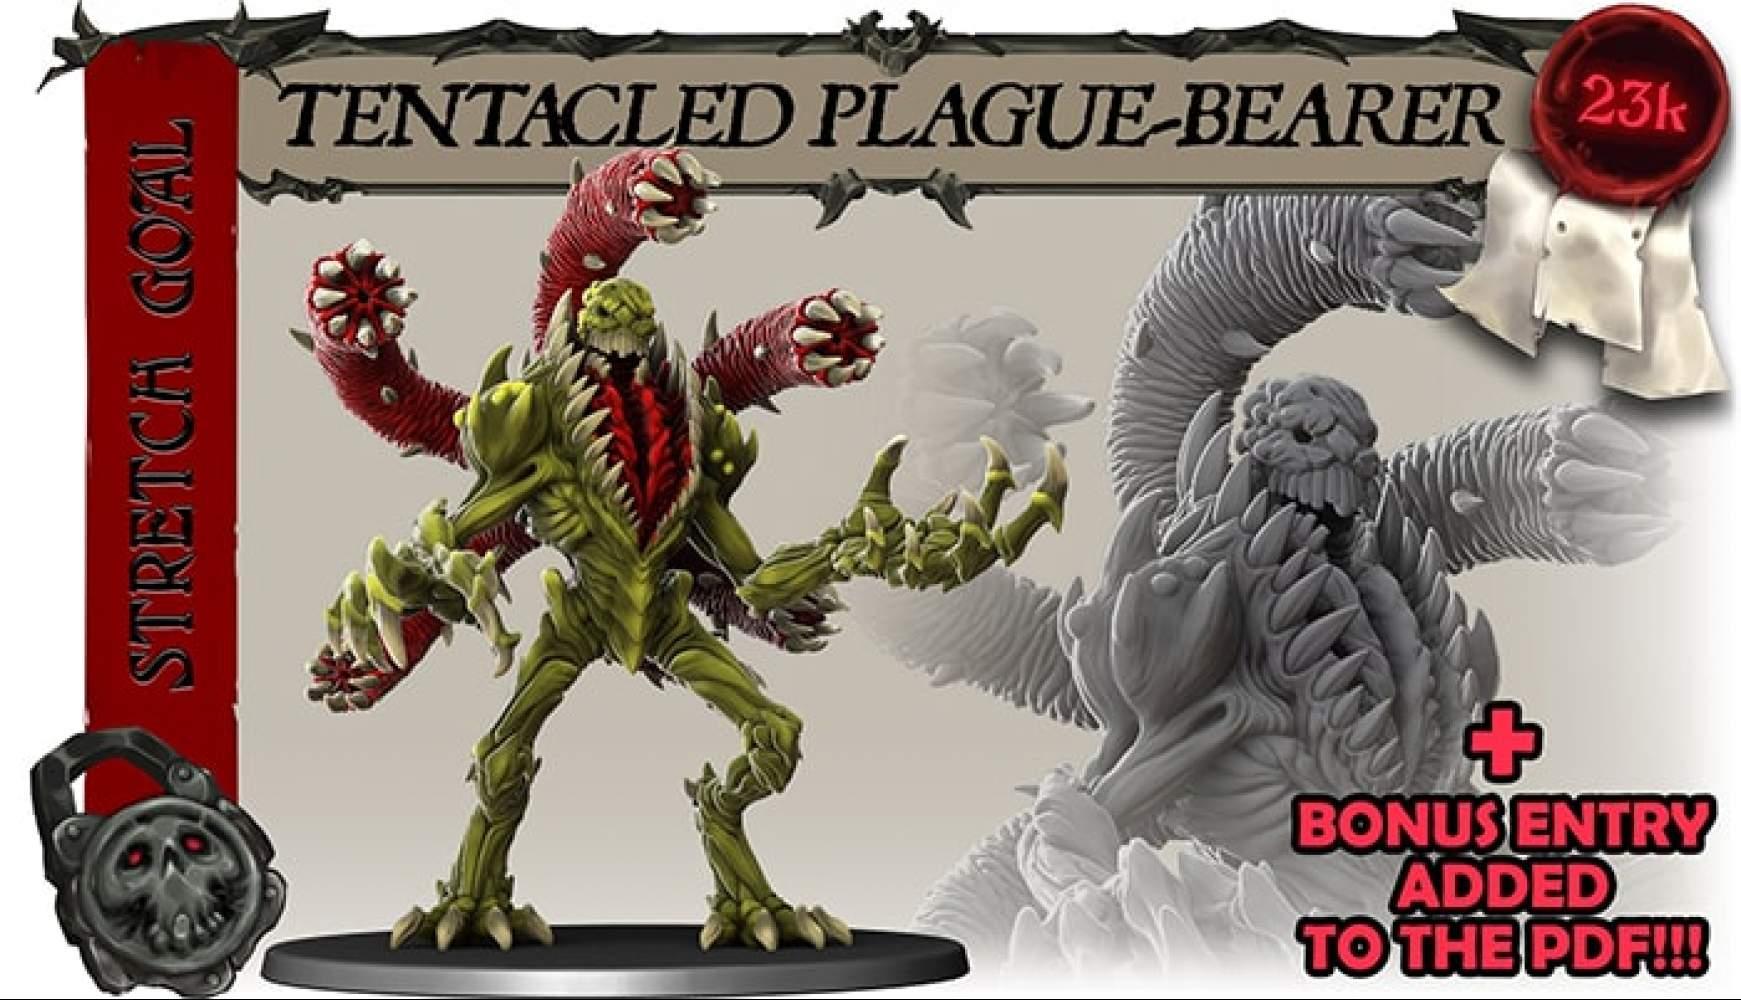 TENTACLED PLAGUE-BEARER